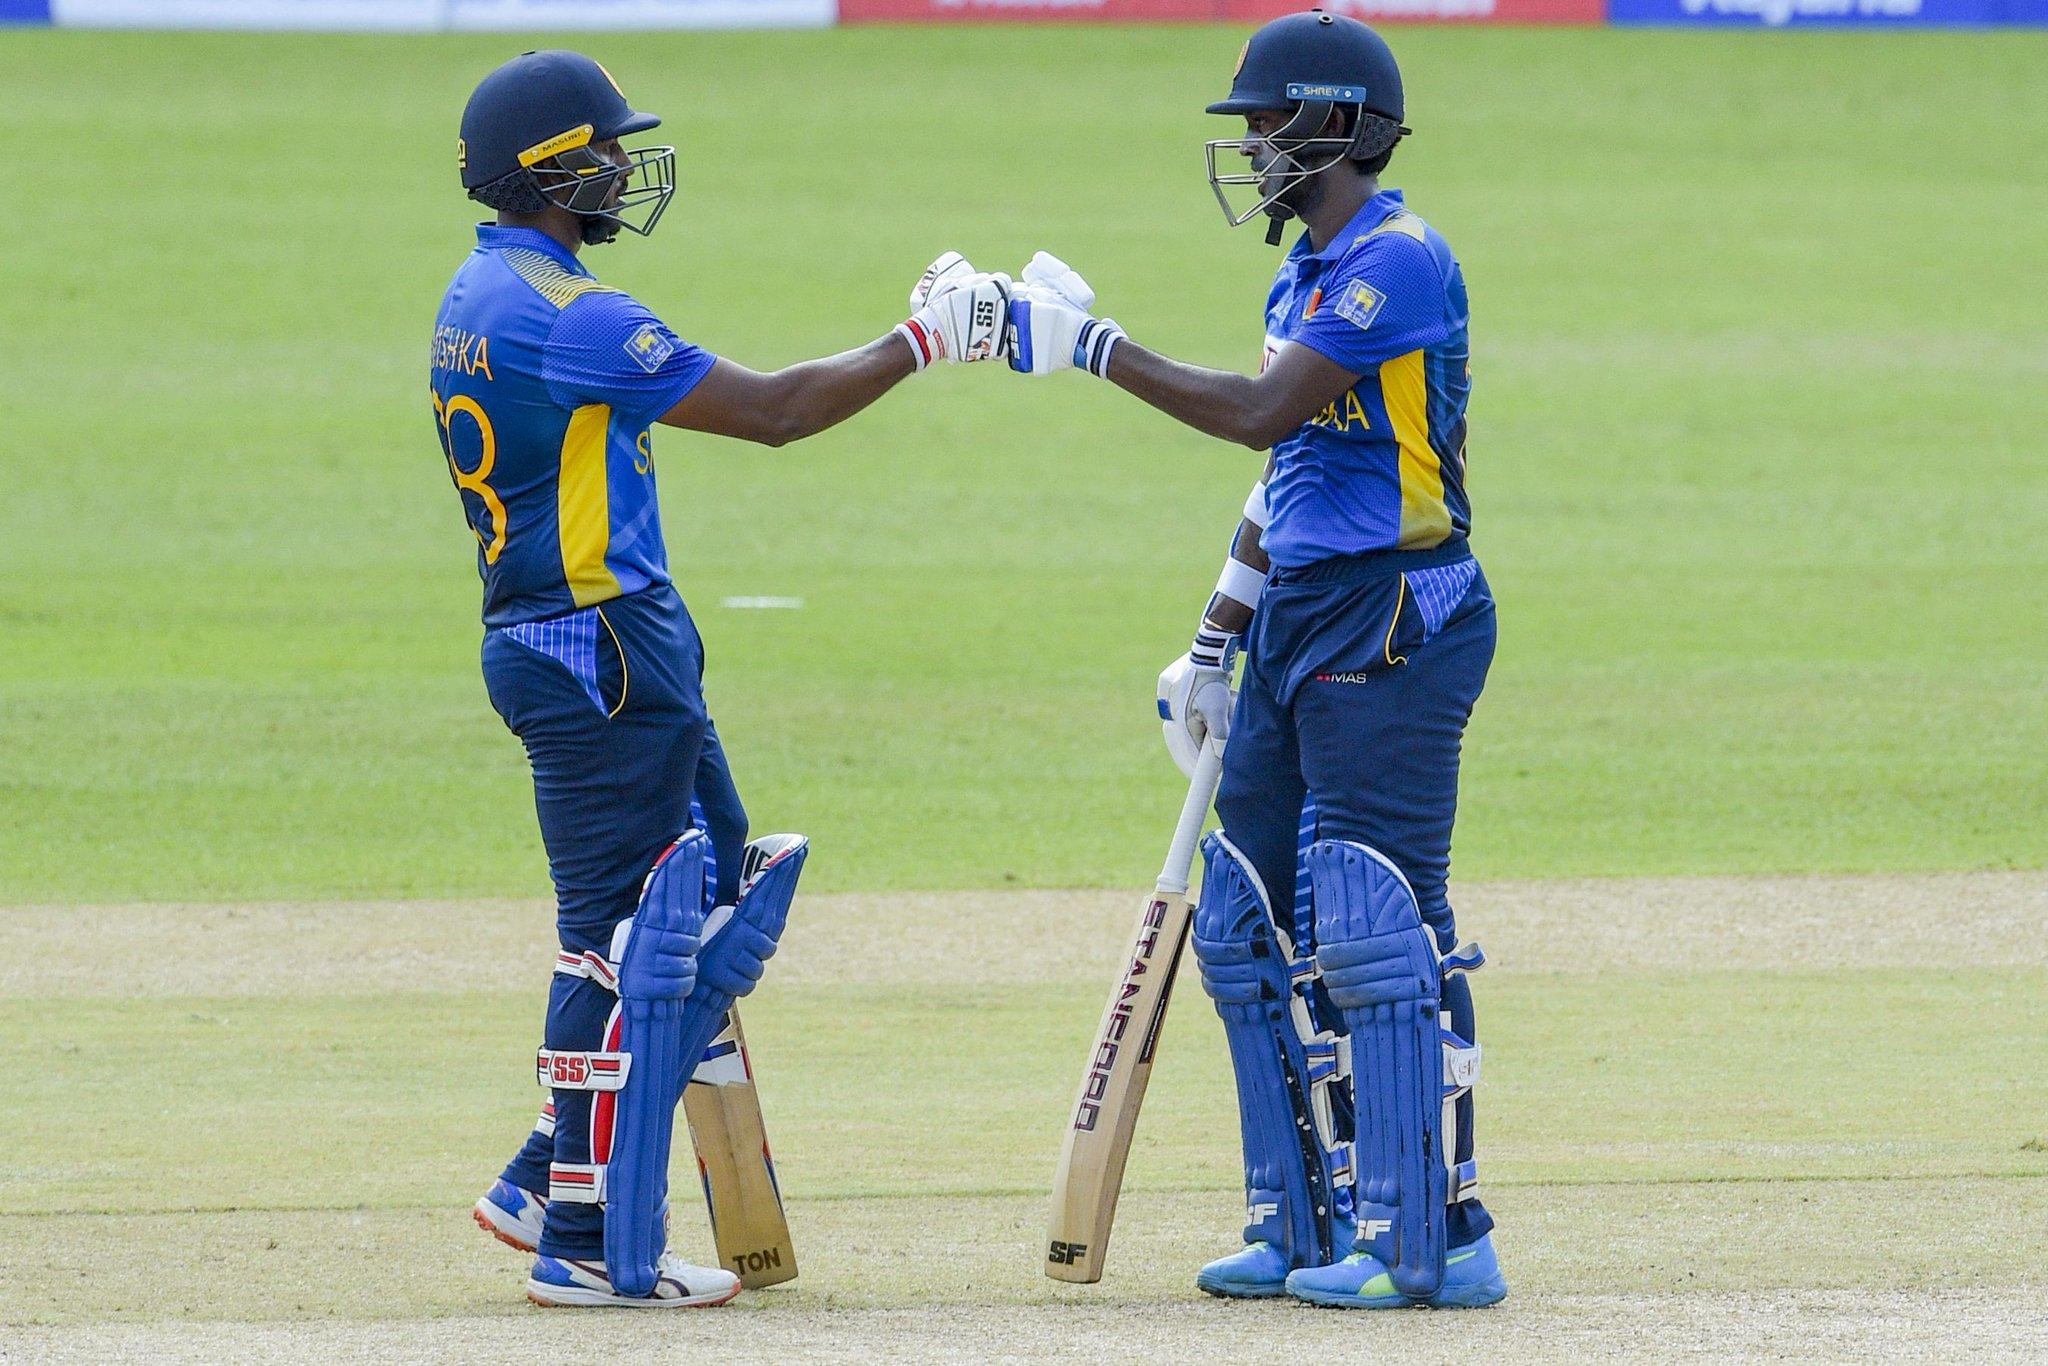 अविष्का और मिनोद भानुका ने श्रीलंकाई टीम को तेज शुरुआत दिलाई। इन दोनों ने 13 ओवर तक एक भी विकेट नहीं गिरने दिया। मिनोद ने 42 बॉल पर 36 रन की पारी खेली। उनके और अविष्का के बीच पहले विकेट के लिए 77 रन की पार्टनरशिप हुई।